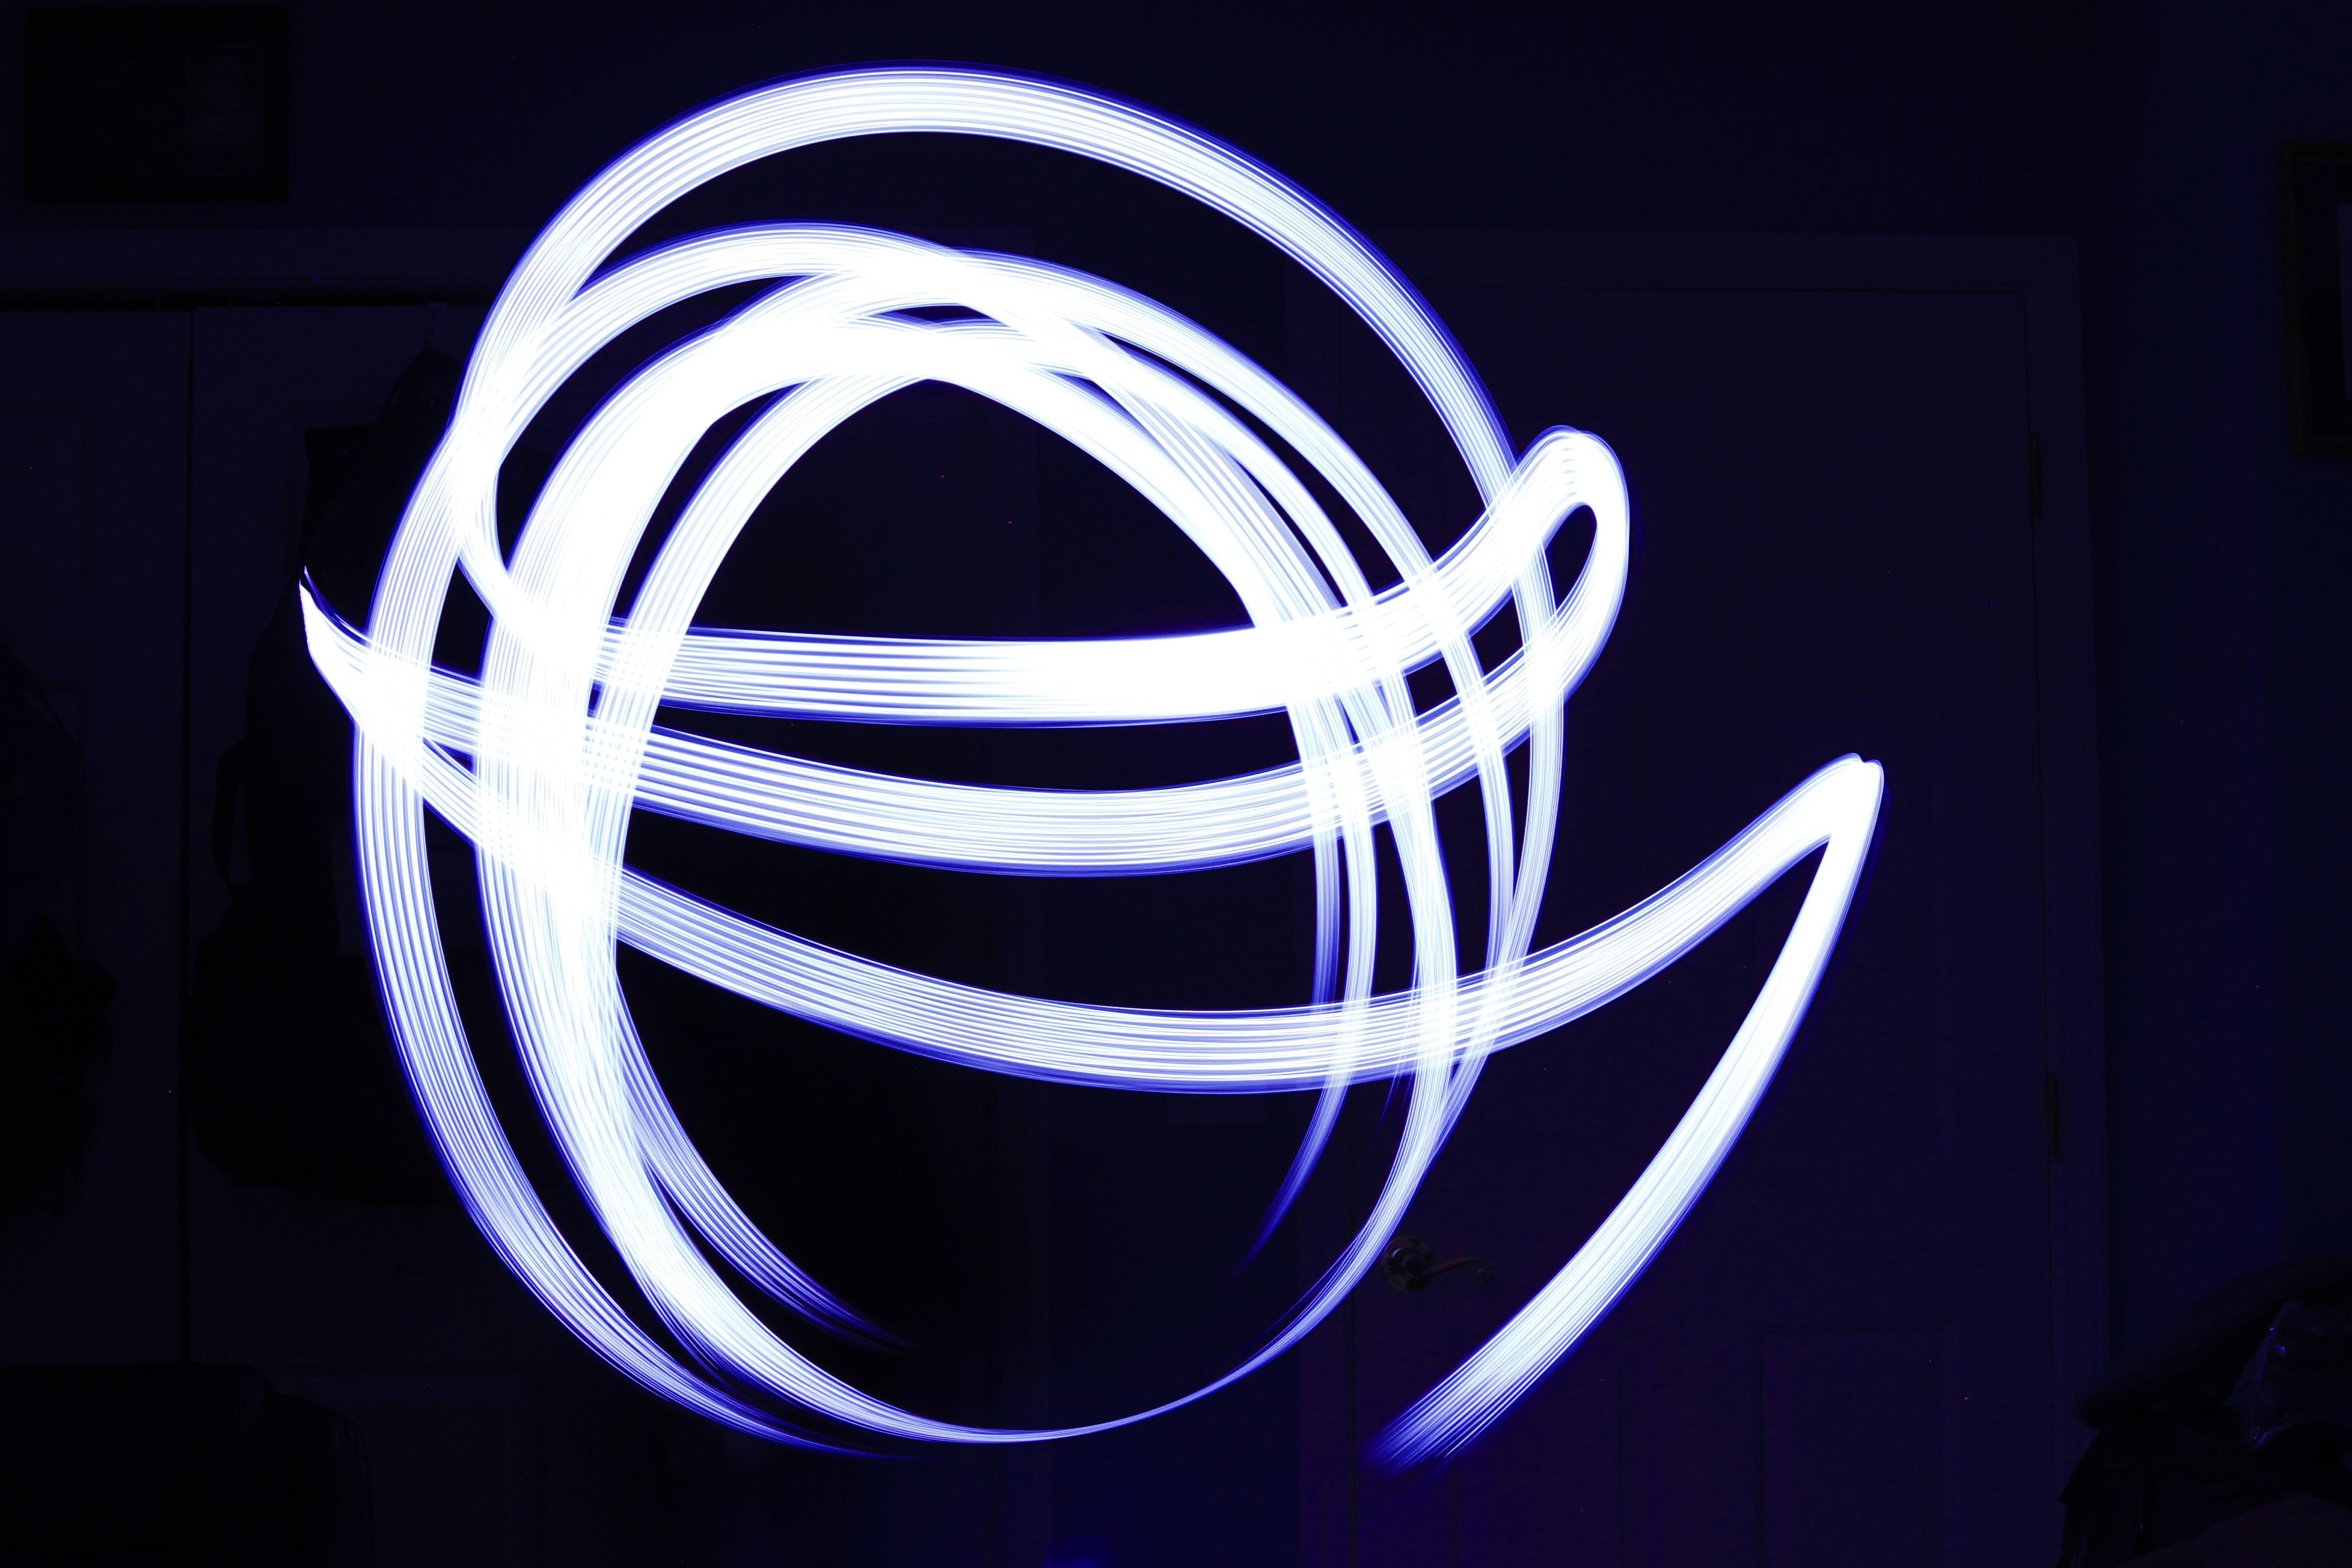 Led flashlight, painting or moving light. photo